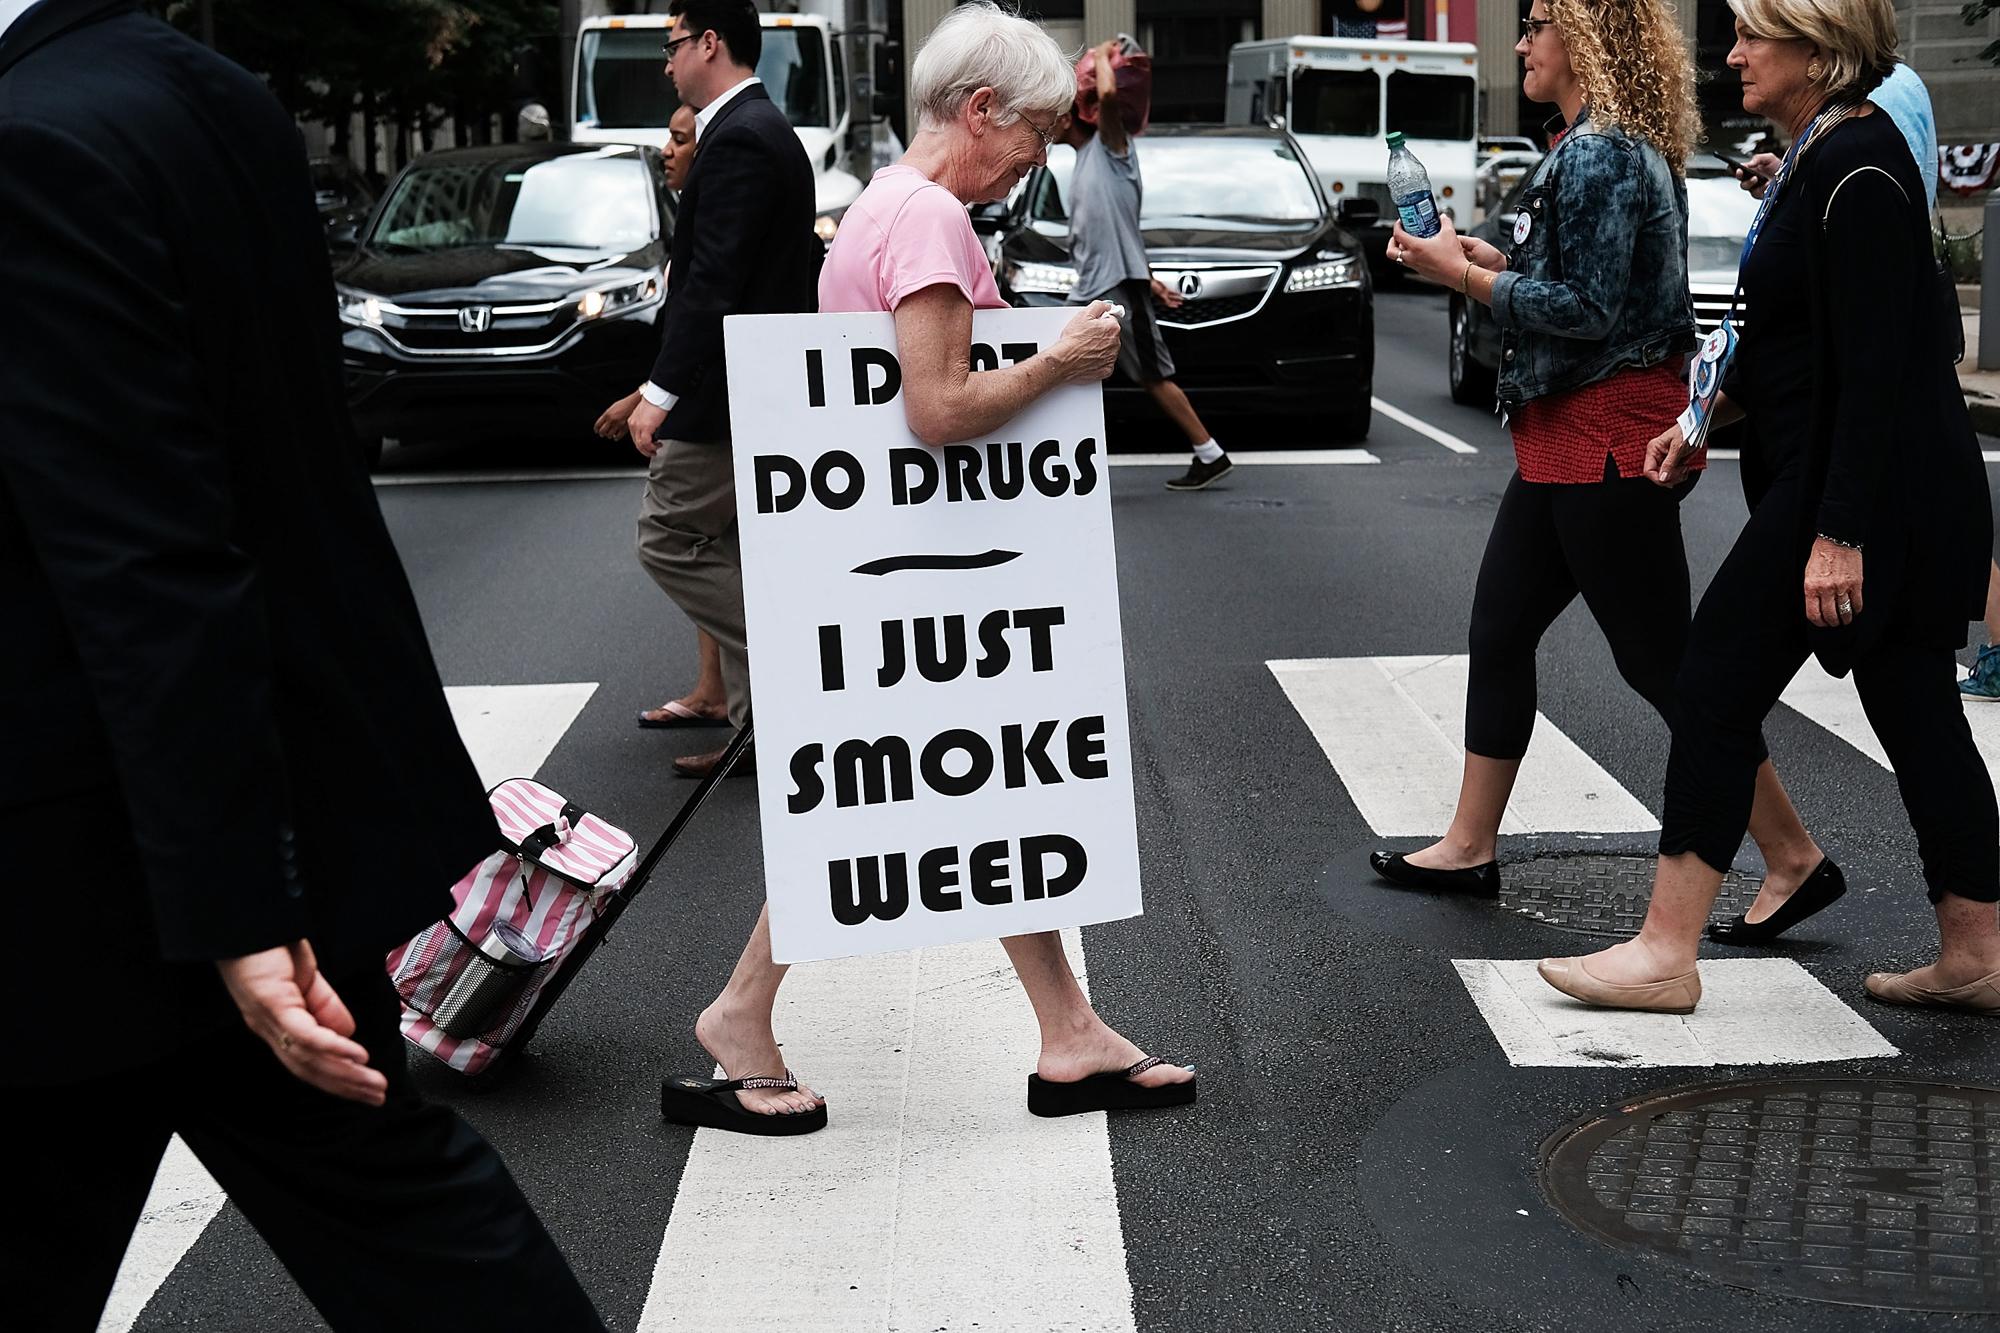 Do women smoke more weed than men 2 of 2 Women smoke more weed than men, report finds